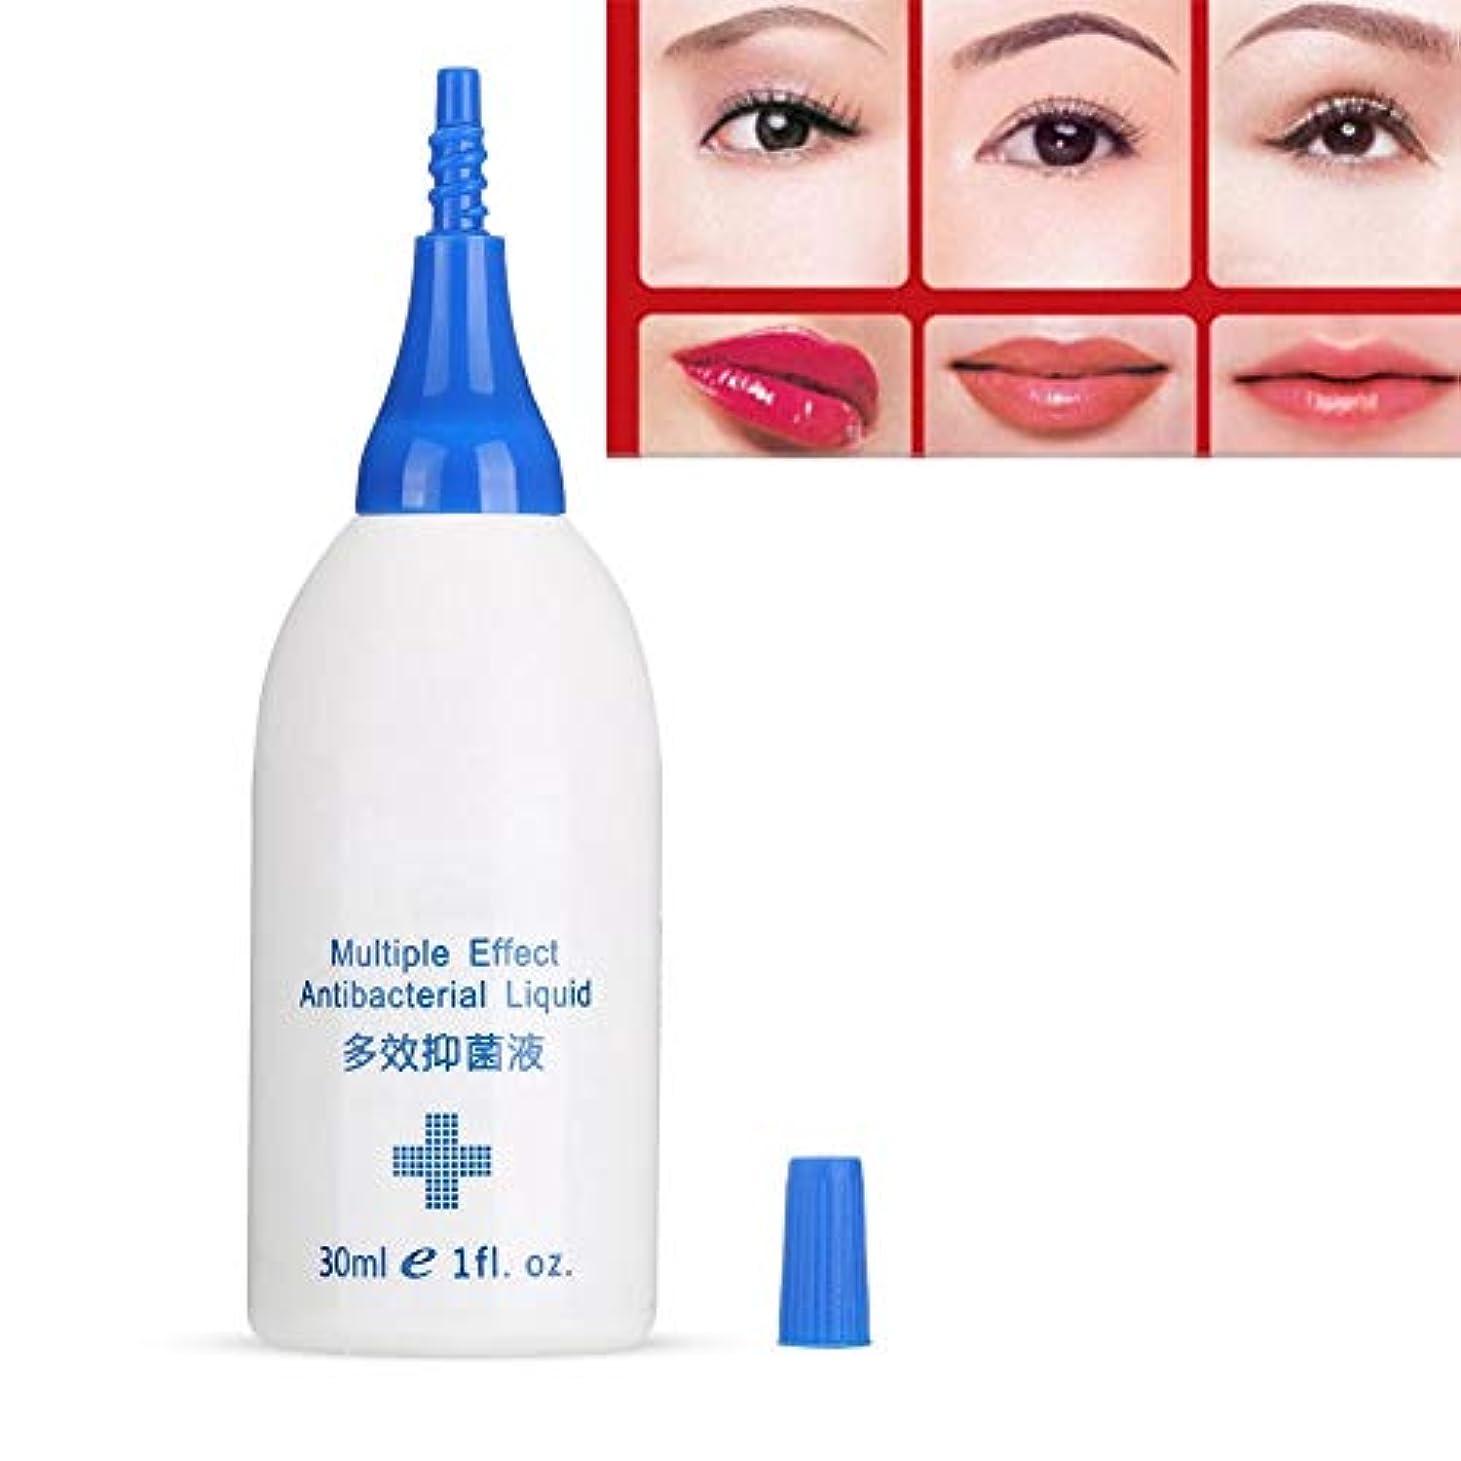 唇ピット不一致リキッドパーマネントメイクアップ - アイブロウインクリップ、マイクロブレードアイブロウタトゥーインク、顔料リキッド補助剤